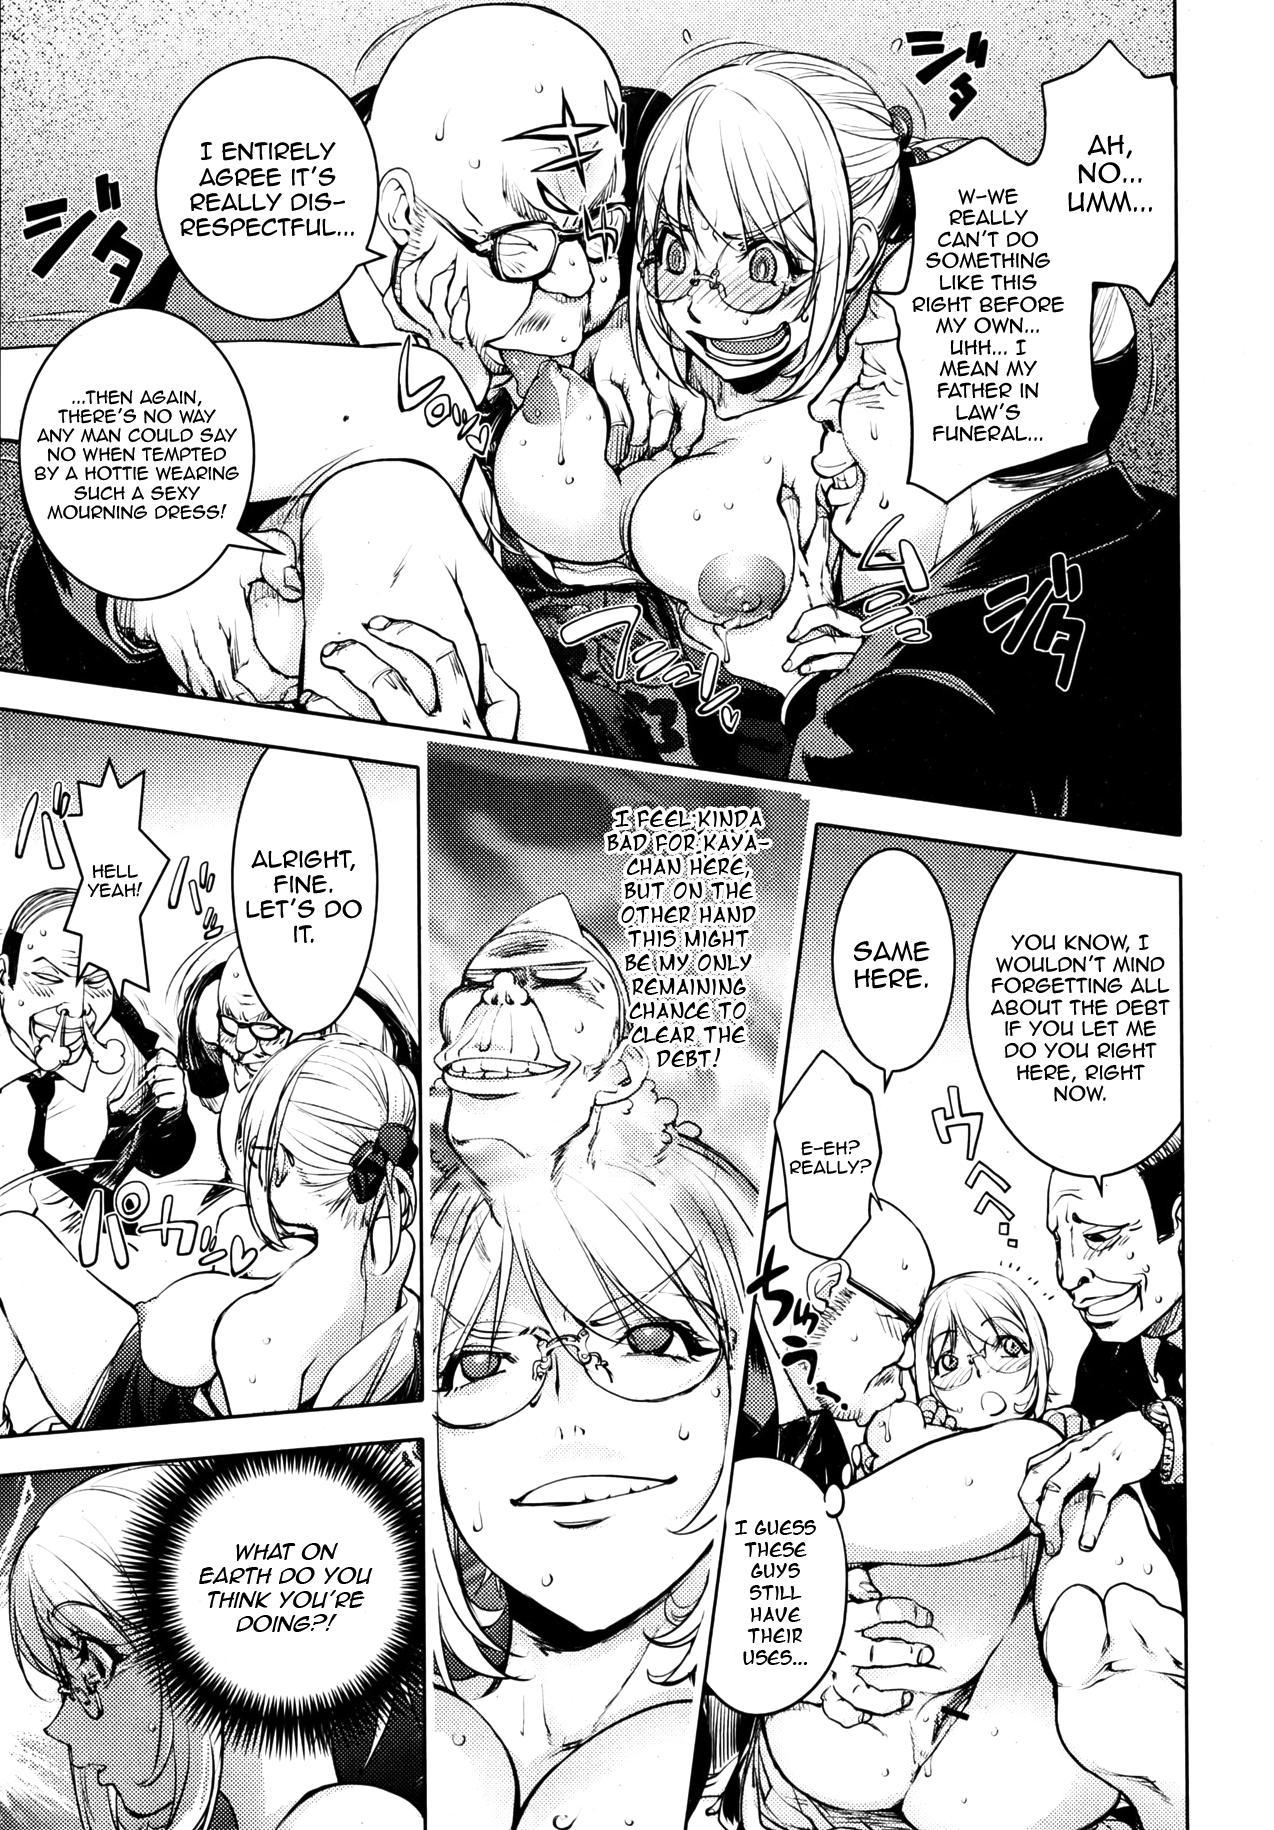 [Kon-kit] Mofuku no Kaya-nee | Kaya-Nee in her Mourning Dress (Bishoujo Kakumei KIWAME Road 2013-06 Vol. 7) [English] [QBtranslations] 10